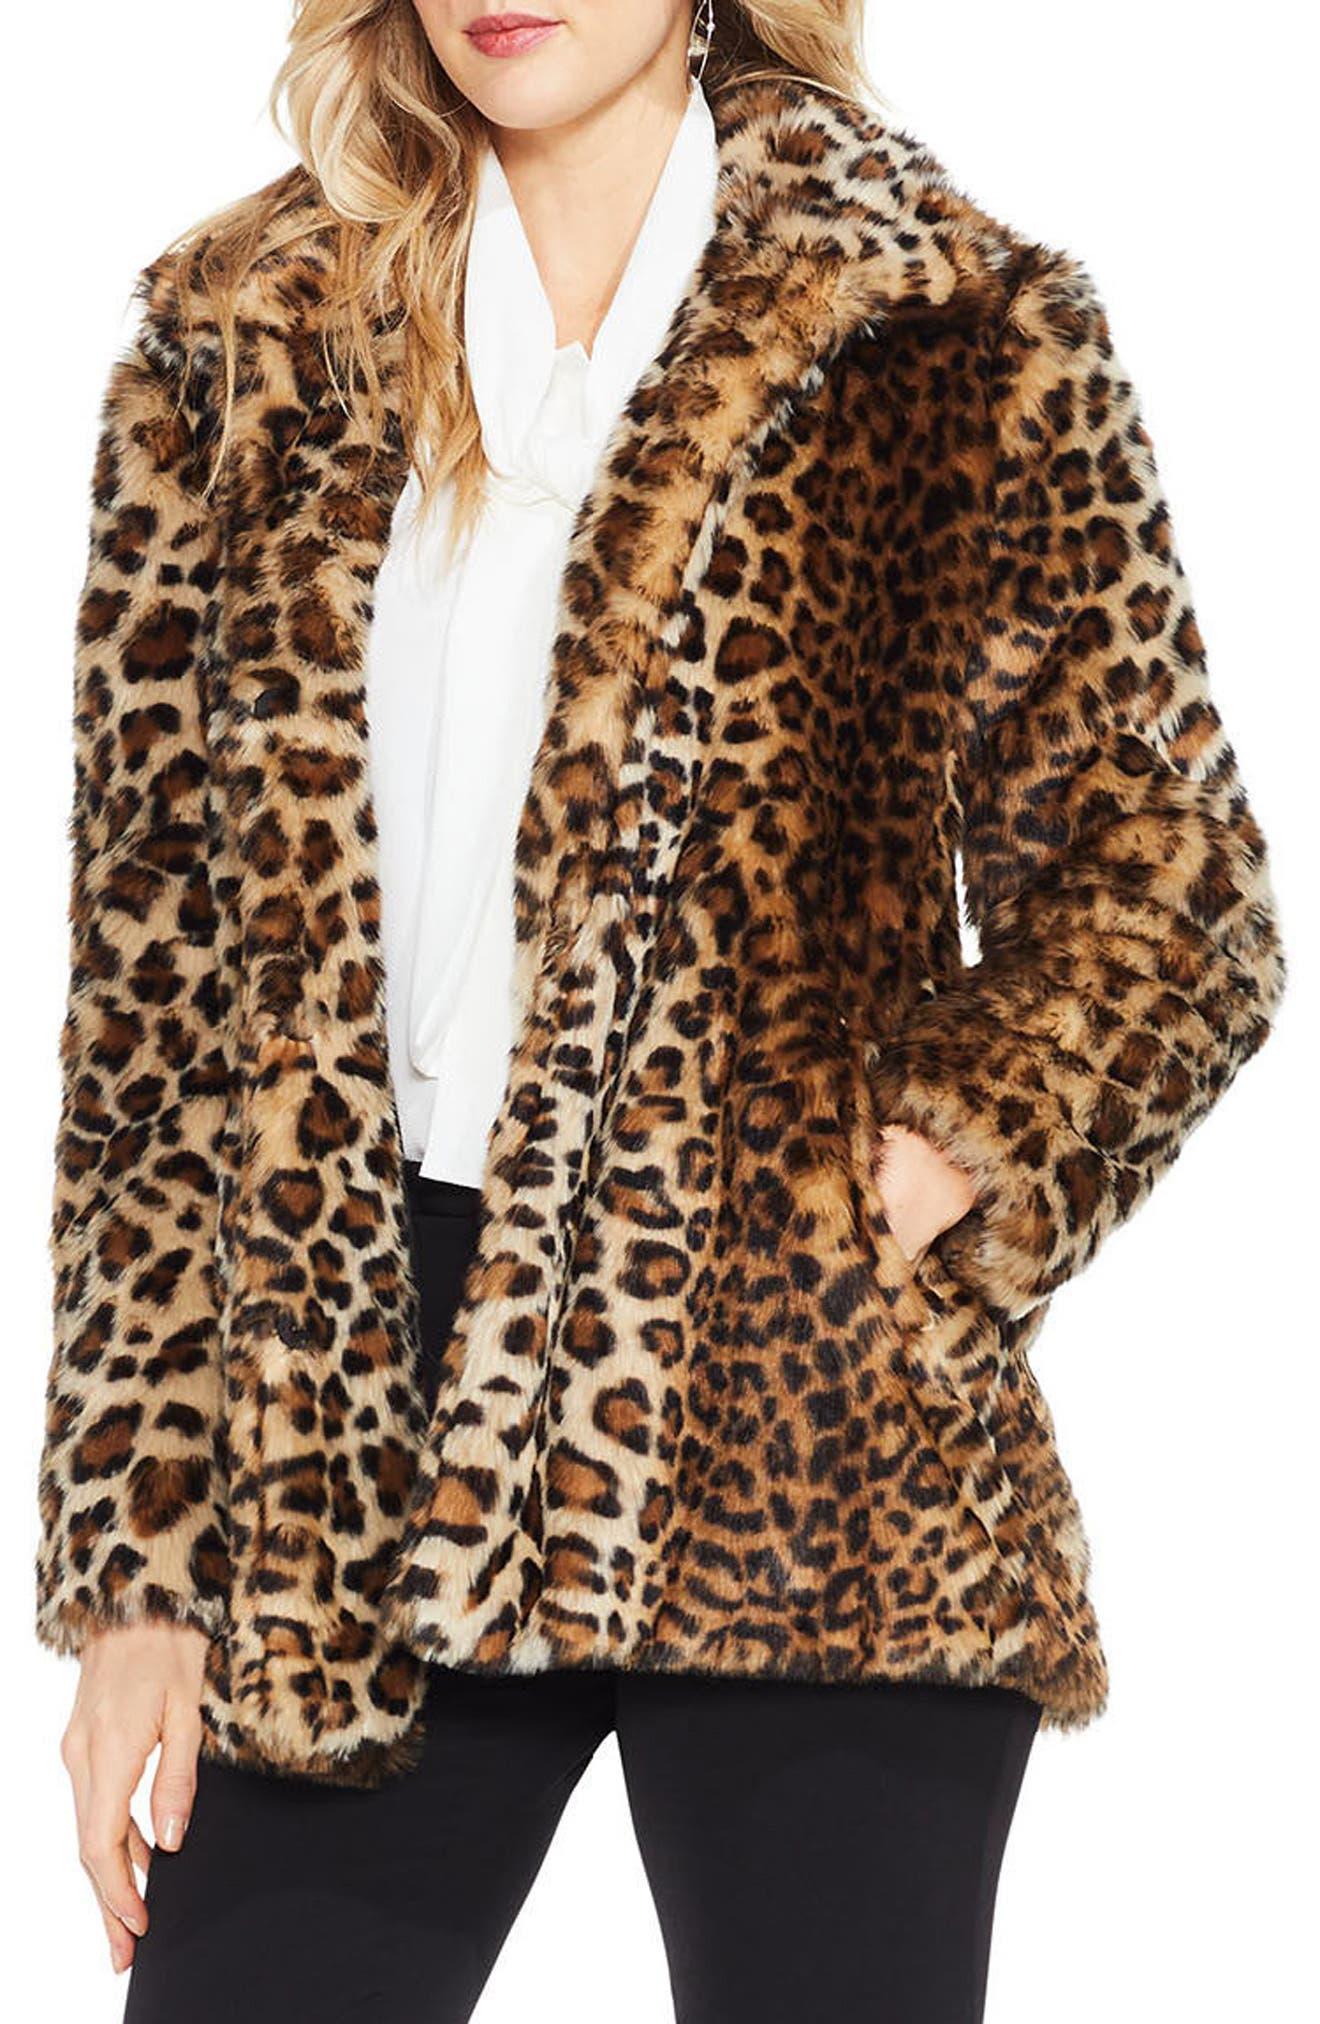 Vince Camuto Leopard Print Faux Fur Jacket